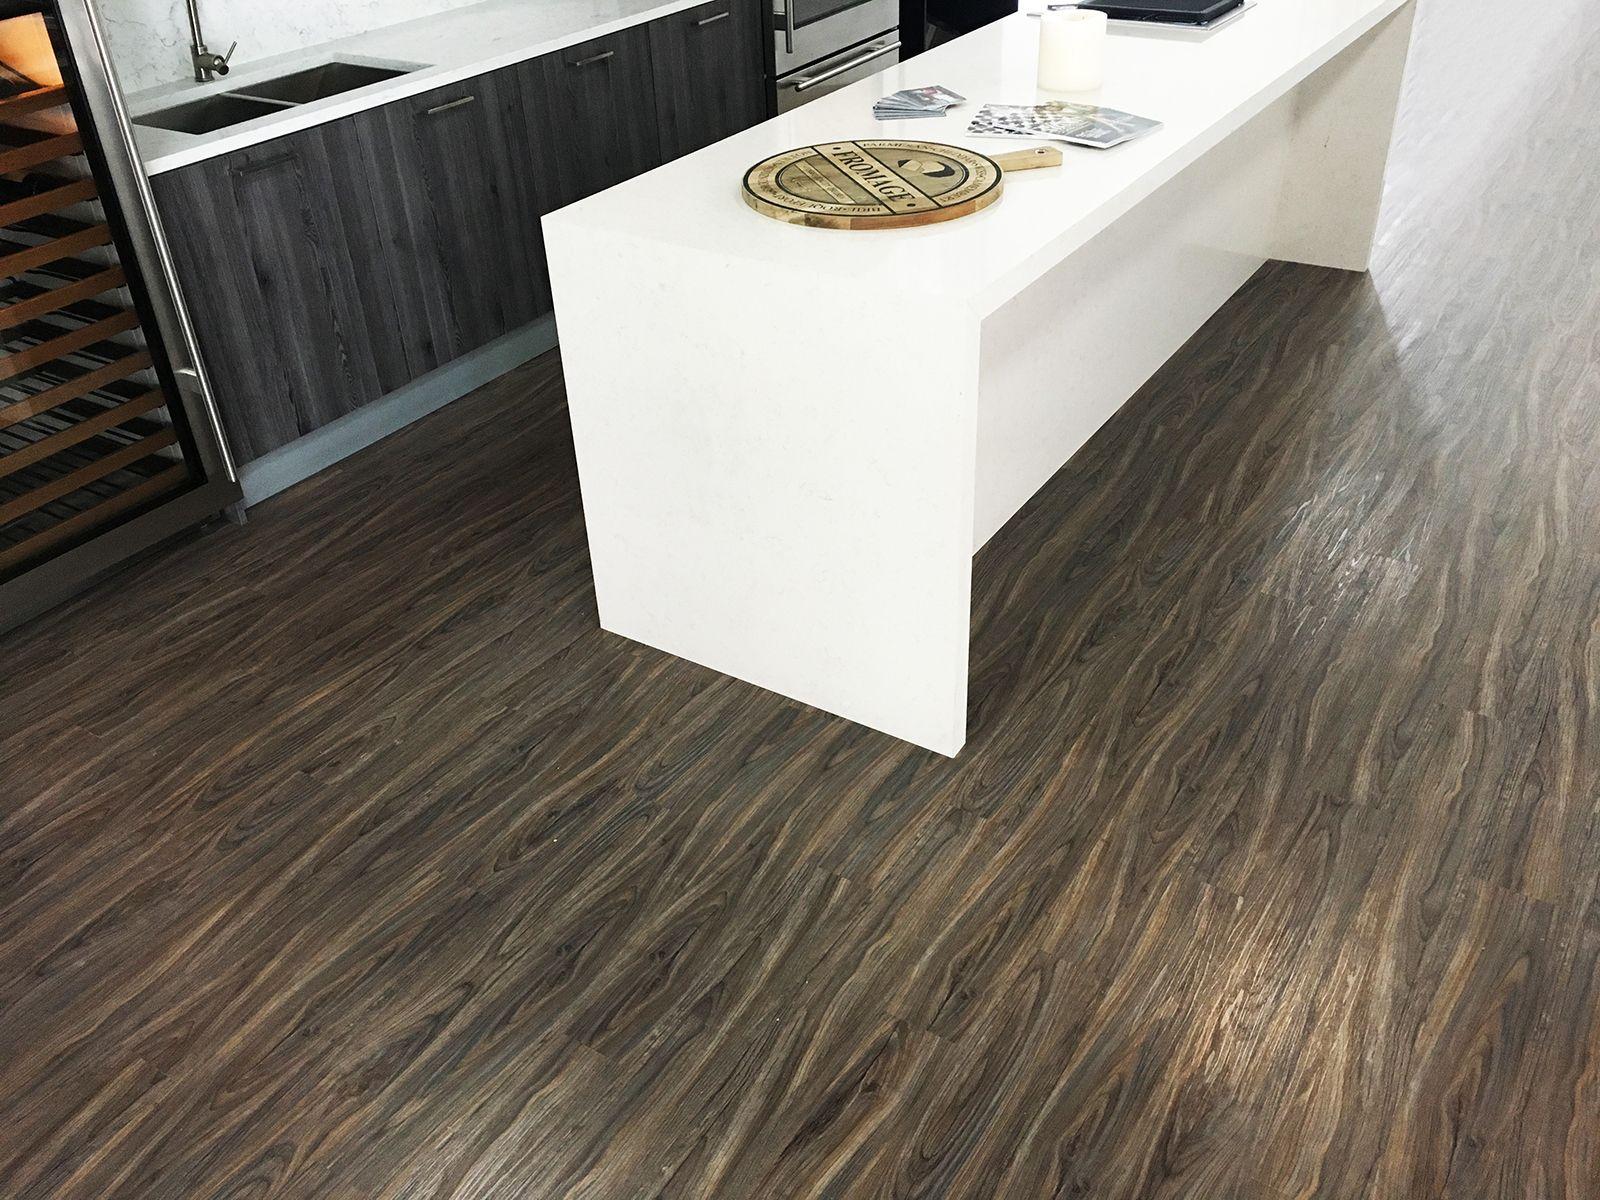 Aqua vision antique cedar 5 mm waterproof vinyl floor jc floors aqua vision antique cedar 5 mm waterproof vinyl floor doublecrazyfo Image collections